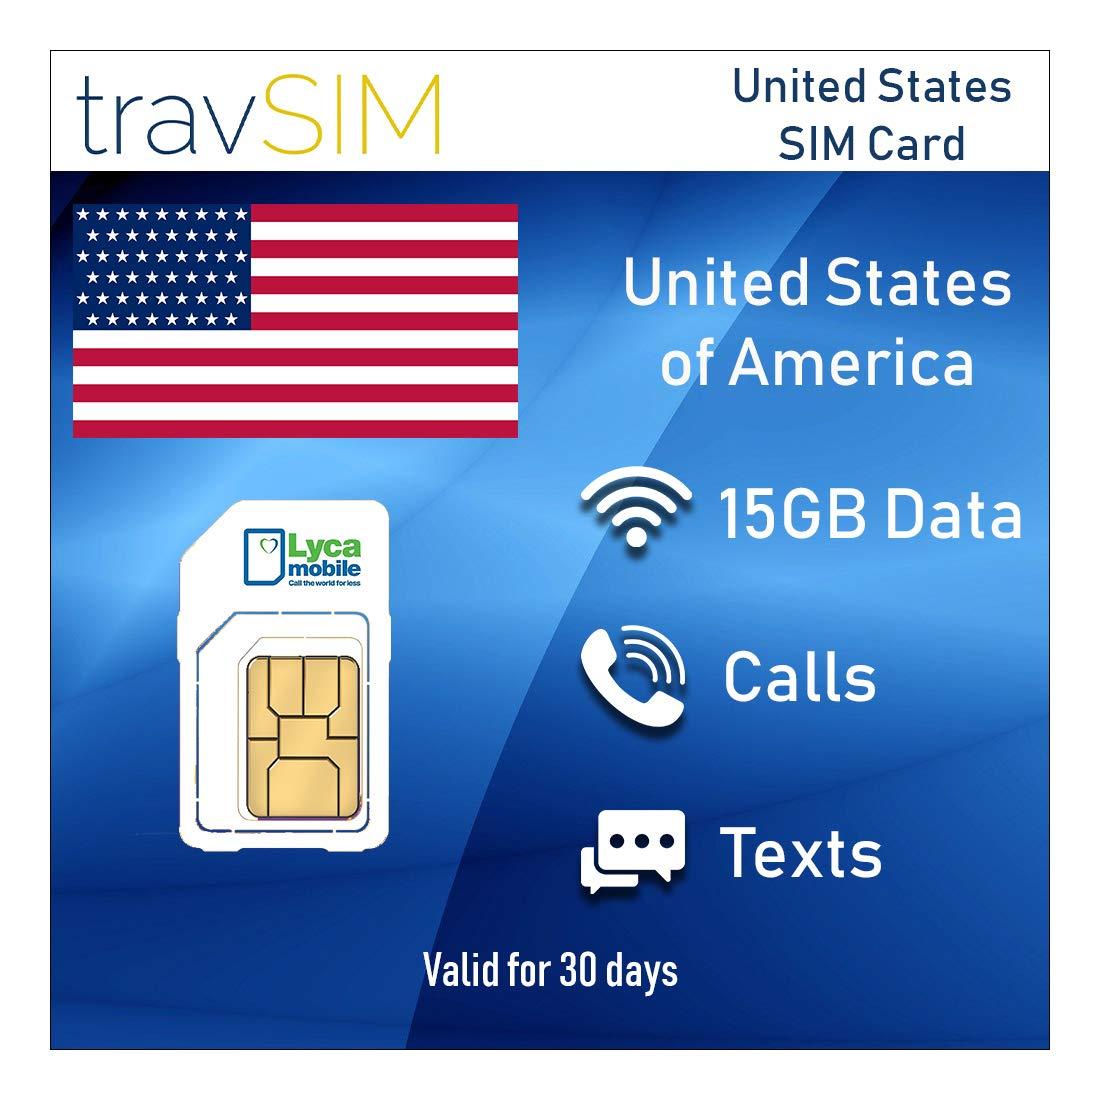 travSIM - Tarjeta SIM Prepagada Lycamobile para EE.UU. (Incluyendo Hawaii & Puerto Rico) - 15 GB de Datos 3G/4G/LTE Móvil, Llamadas Nacionales e ...